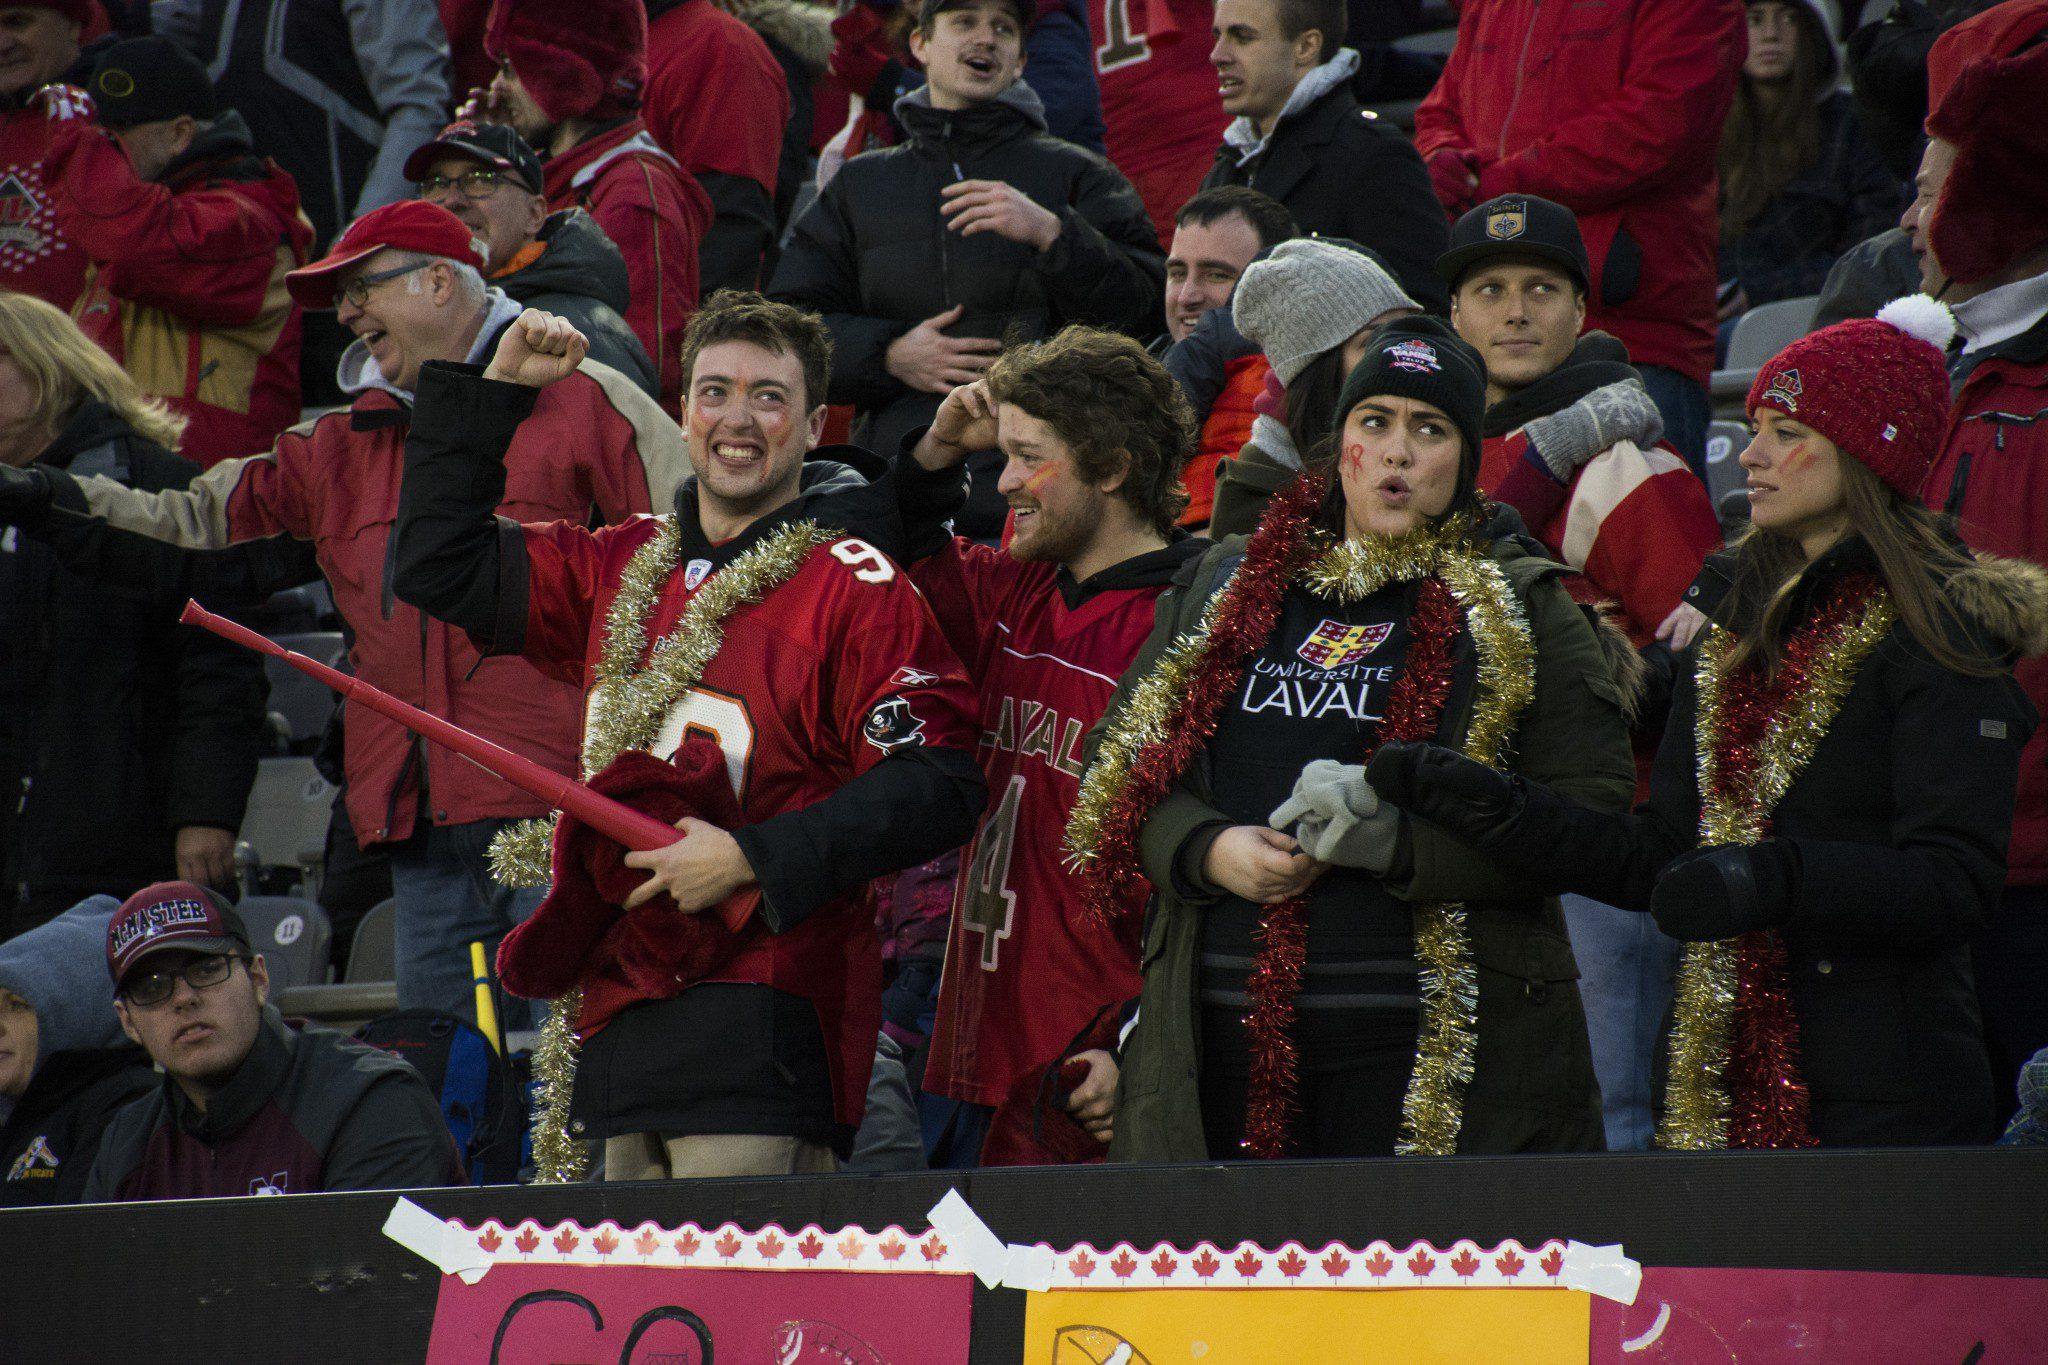 Laval fans celebrate